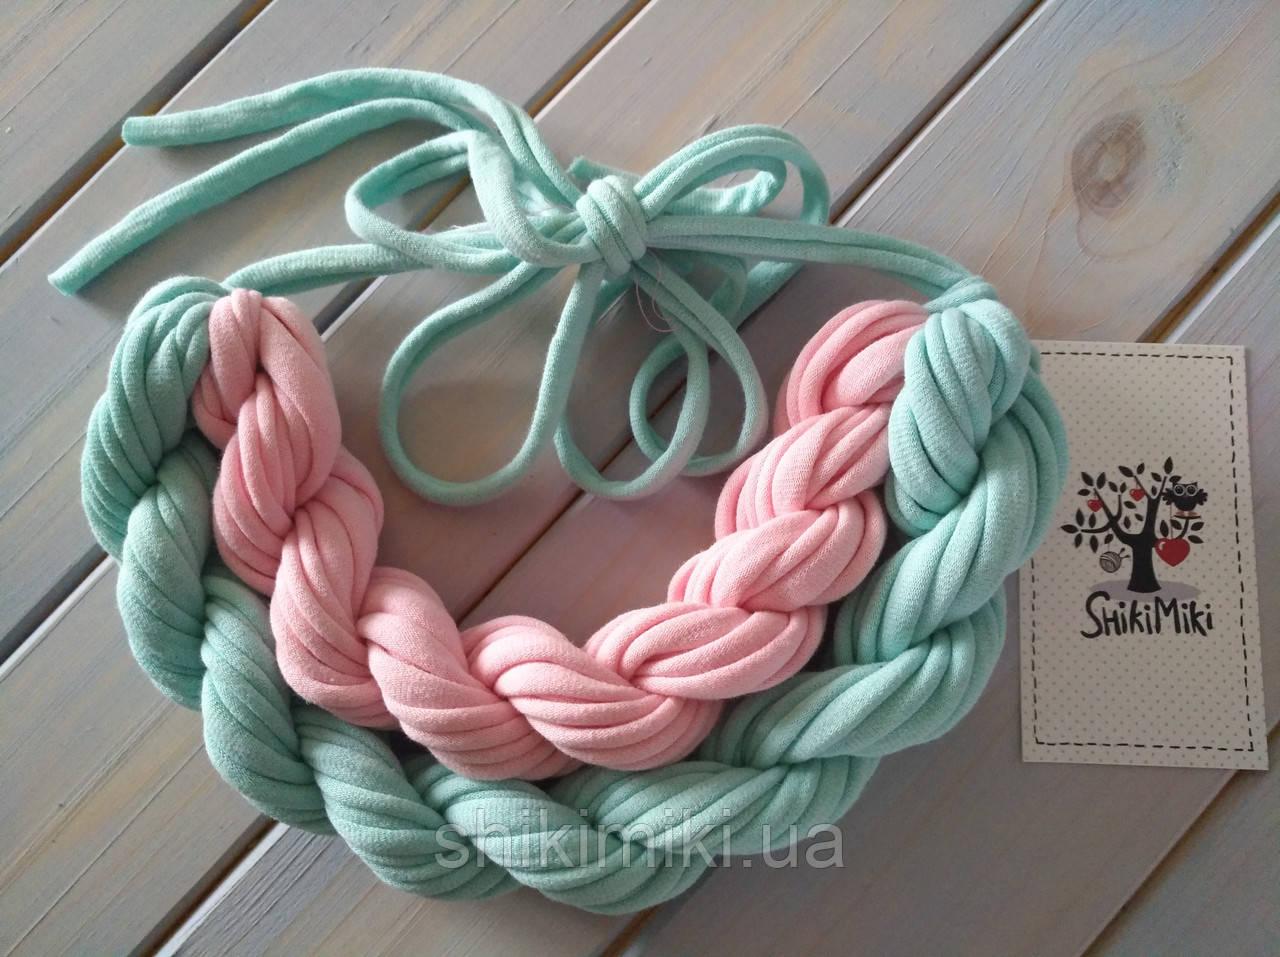 Колье женское вязаное из трикотажной пряжи Сюзанна